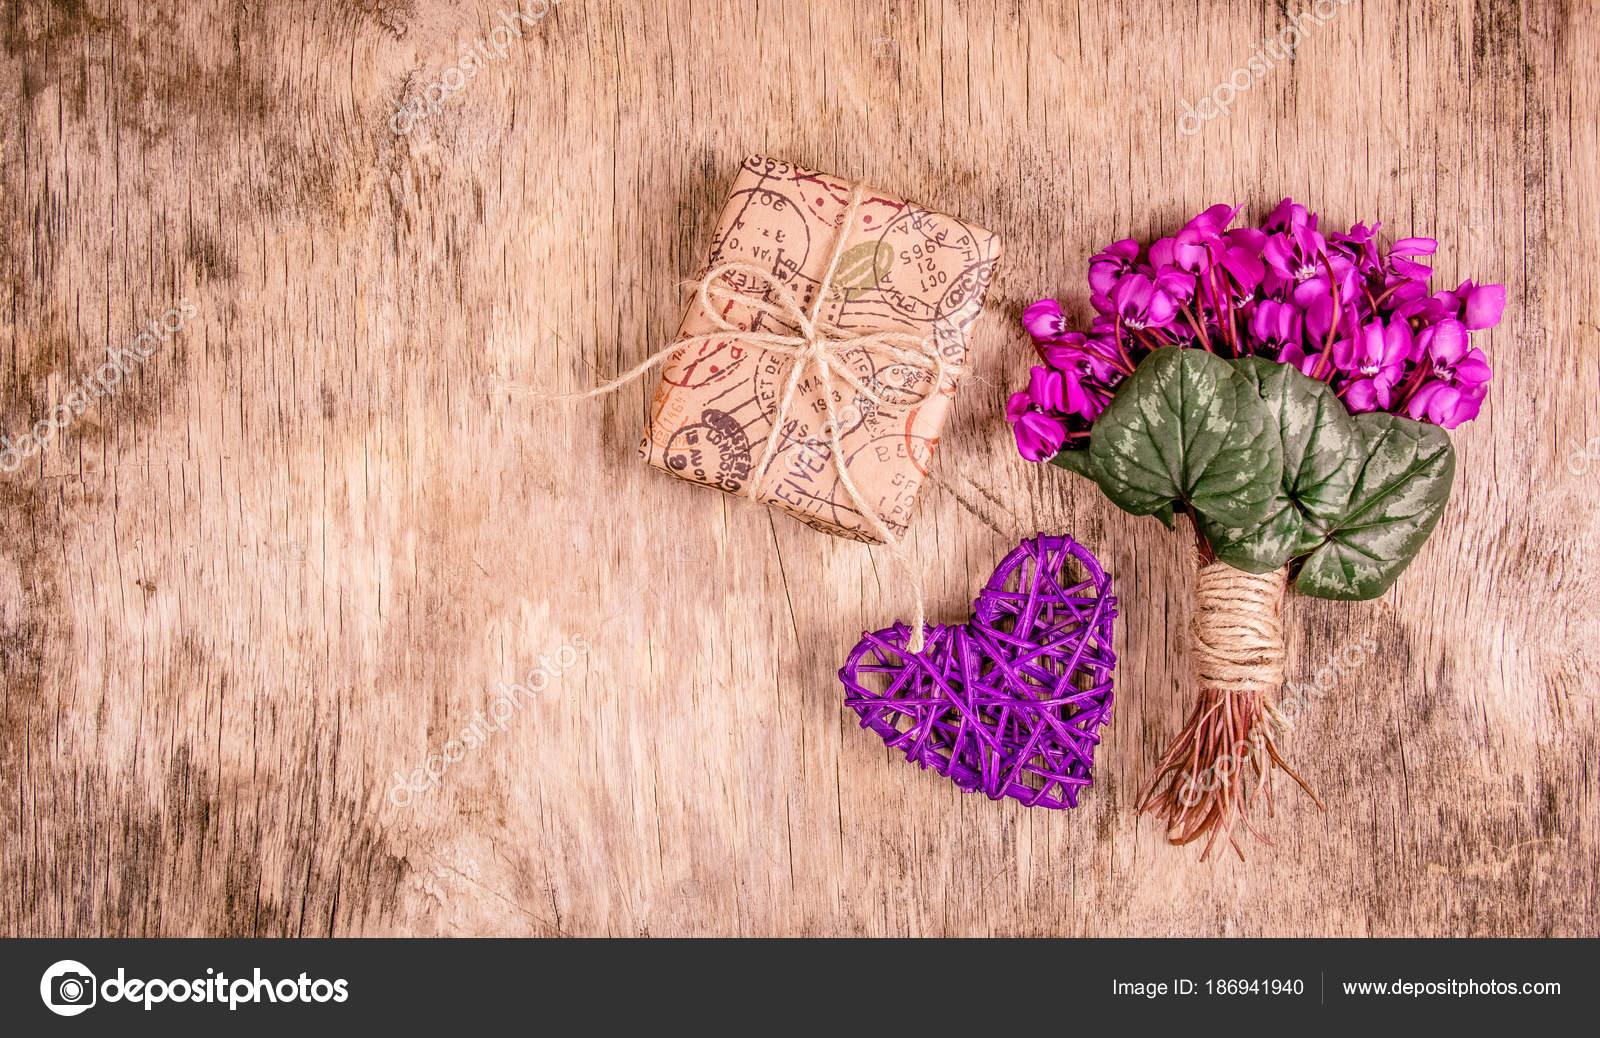 Międzynarodowy Dzień Kobiet Gift Box Wiosna Kwiaty Delikatne